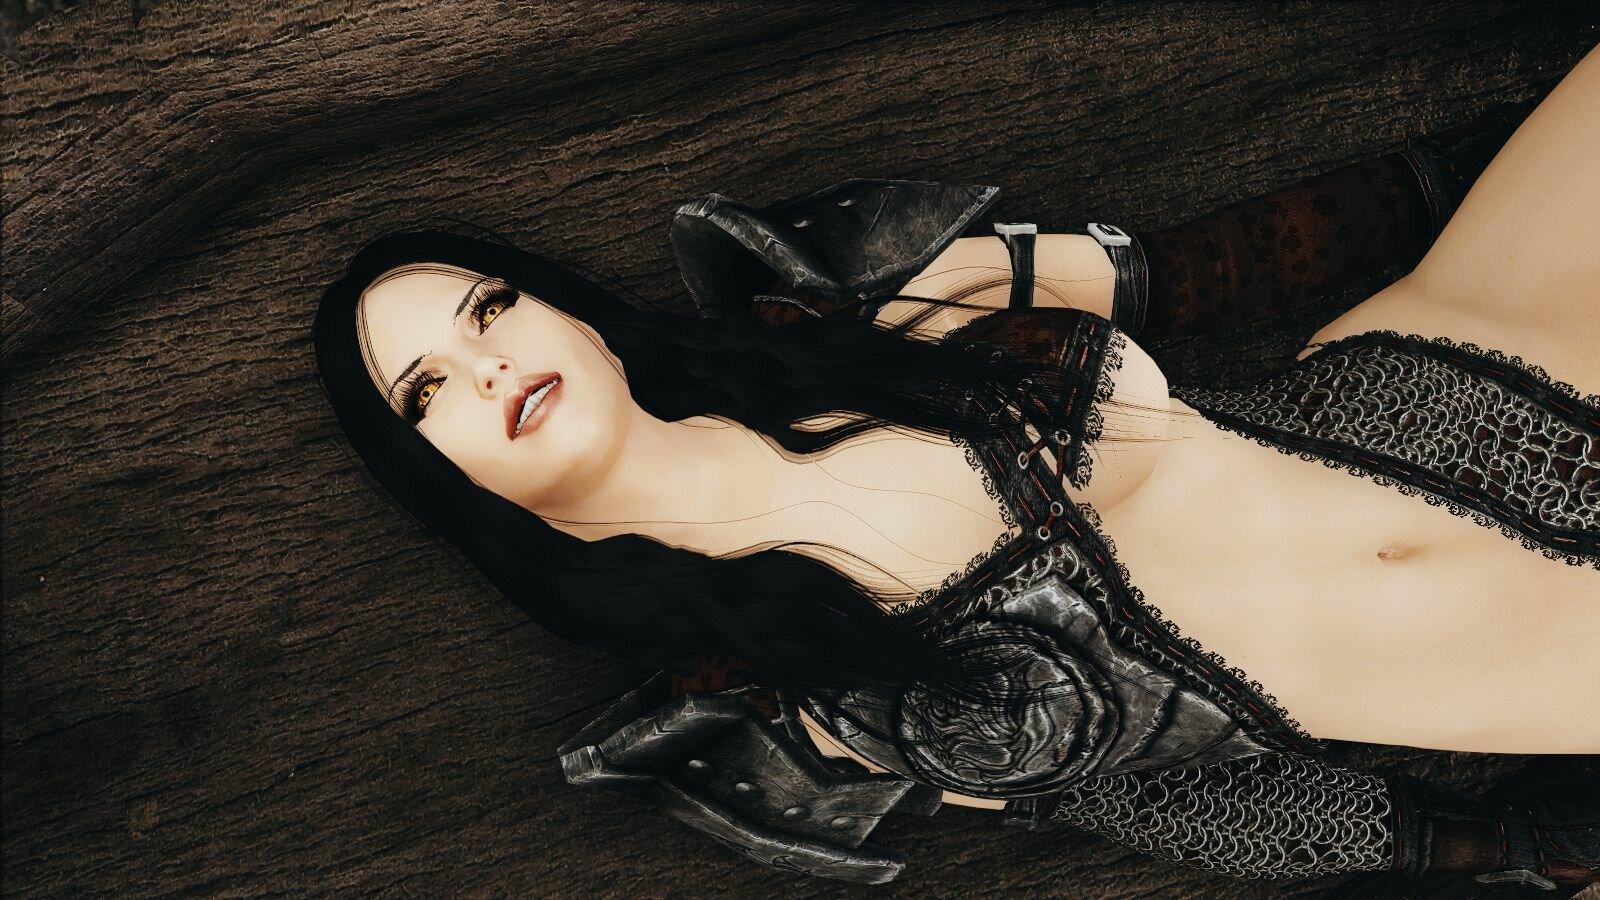 Гроб для вампира, как перина для человека ;)